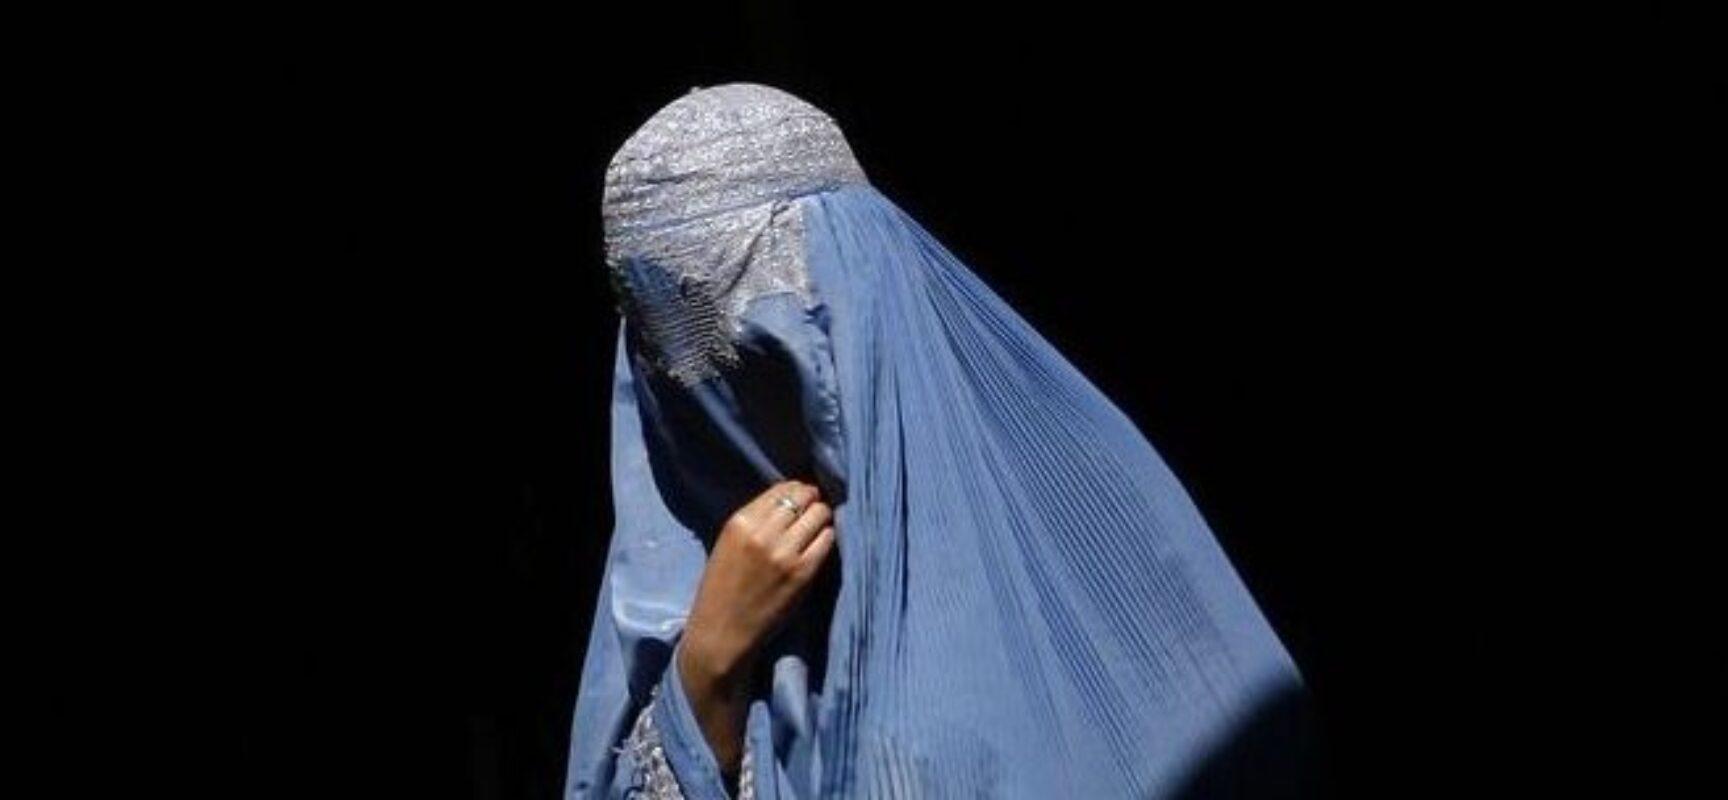 AFEGANISTÃO: Talibã adota tom moderado e promete paz e direitos às mulheres